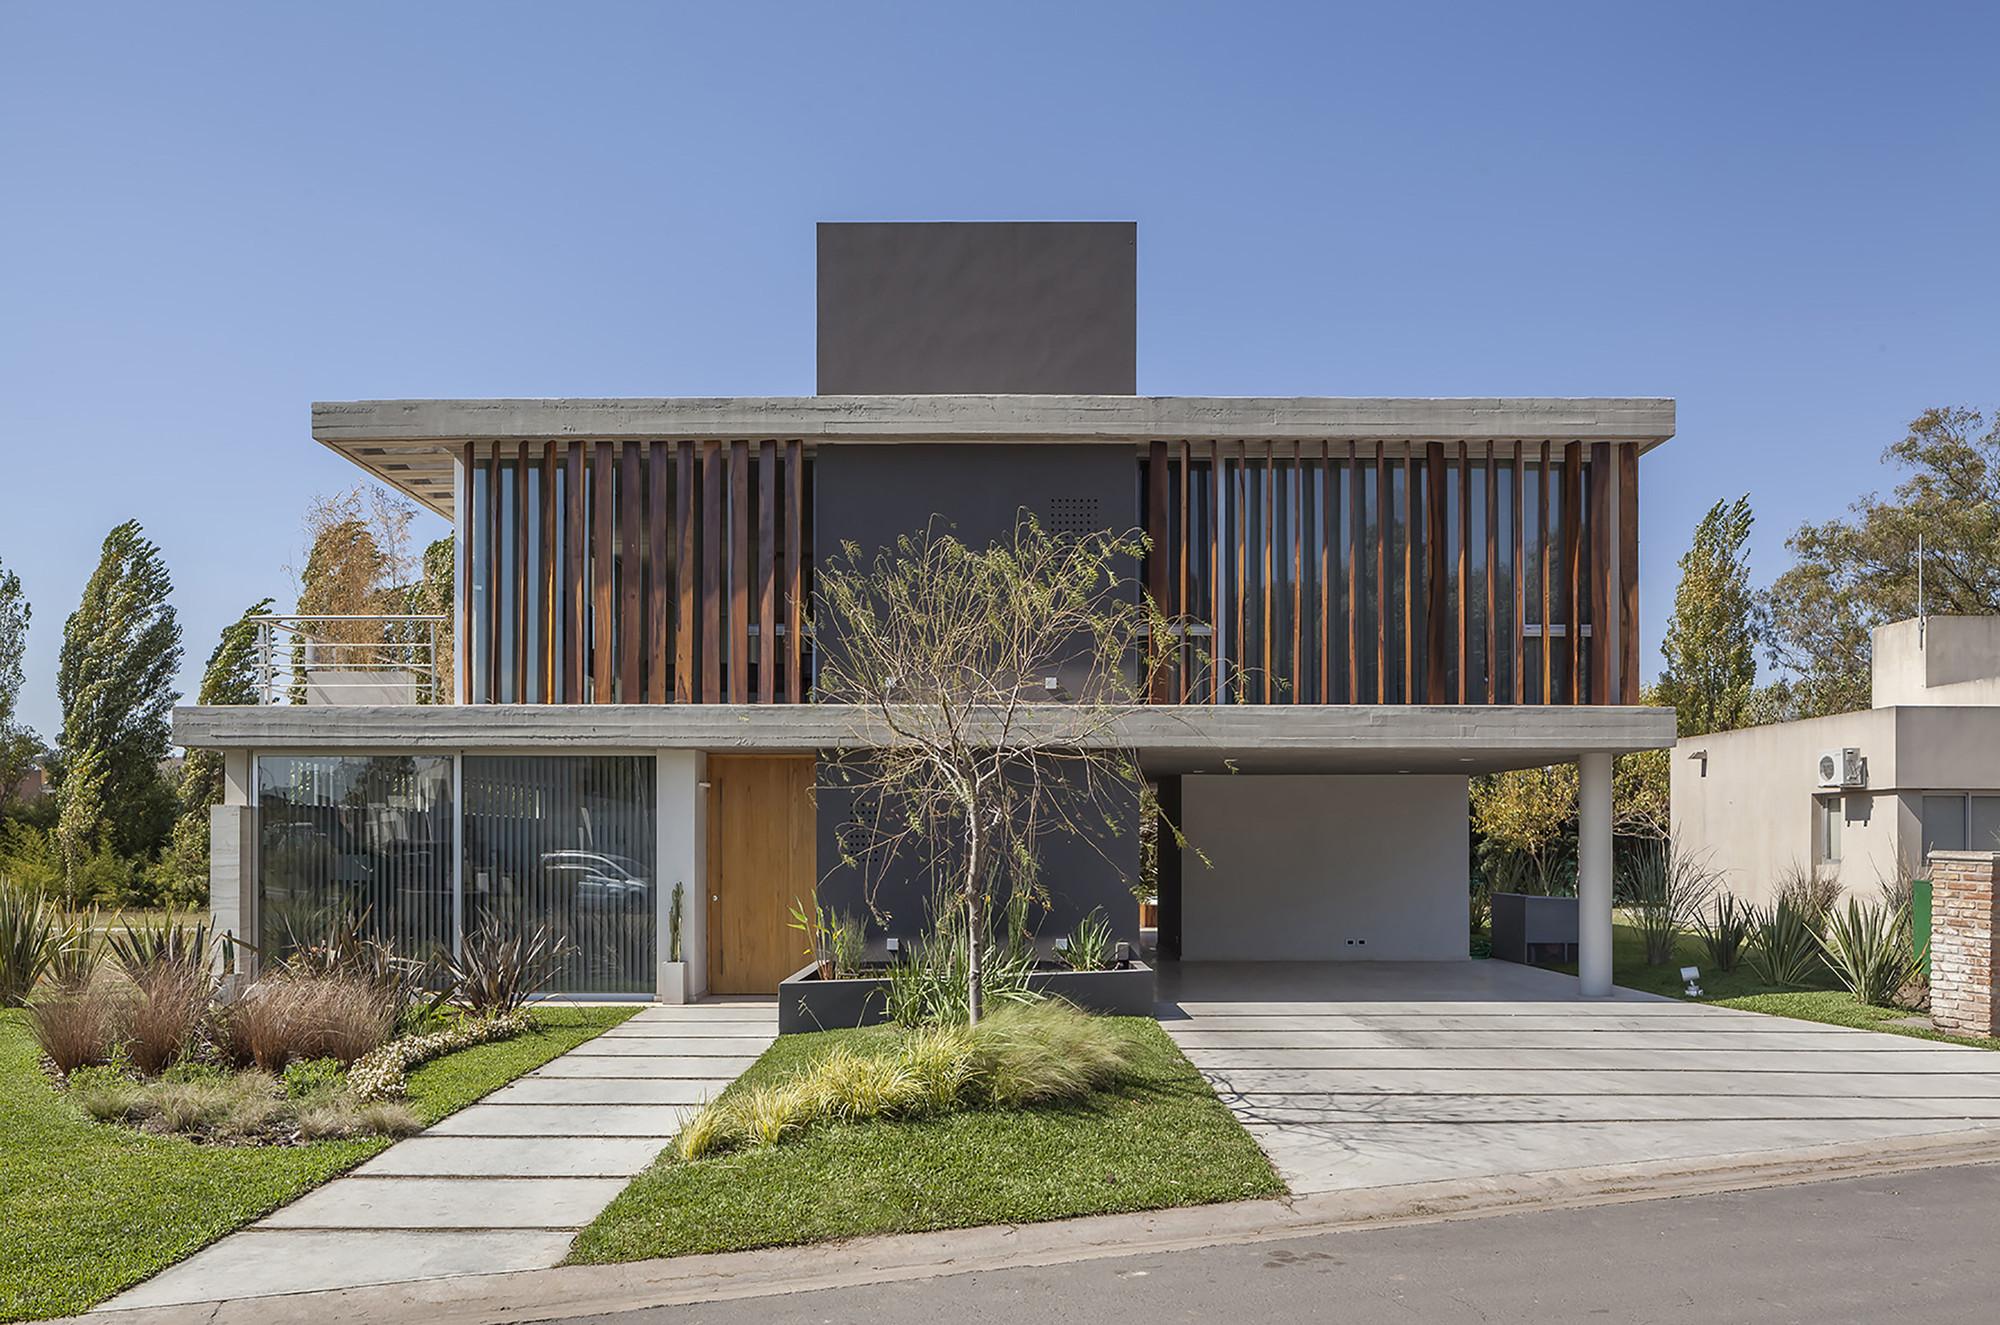 Casa haras estudio geya plataforma arquitectura for Plataforma de arquitectura